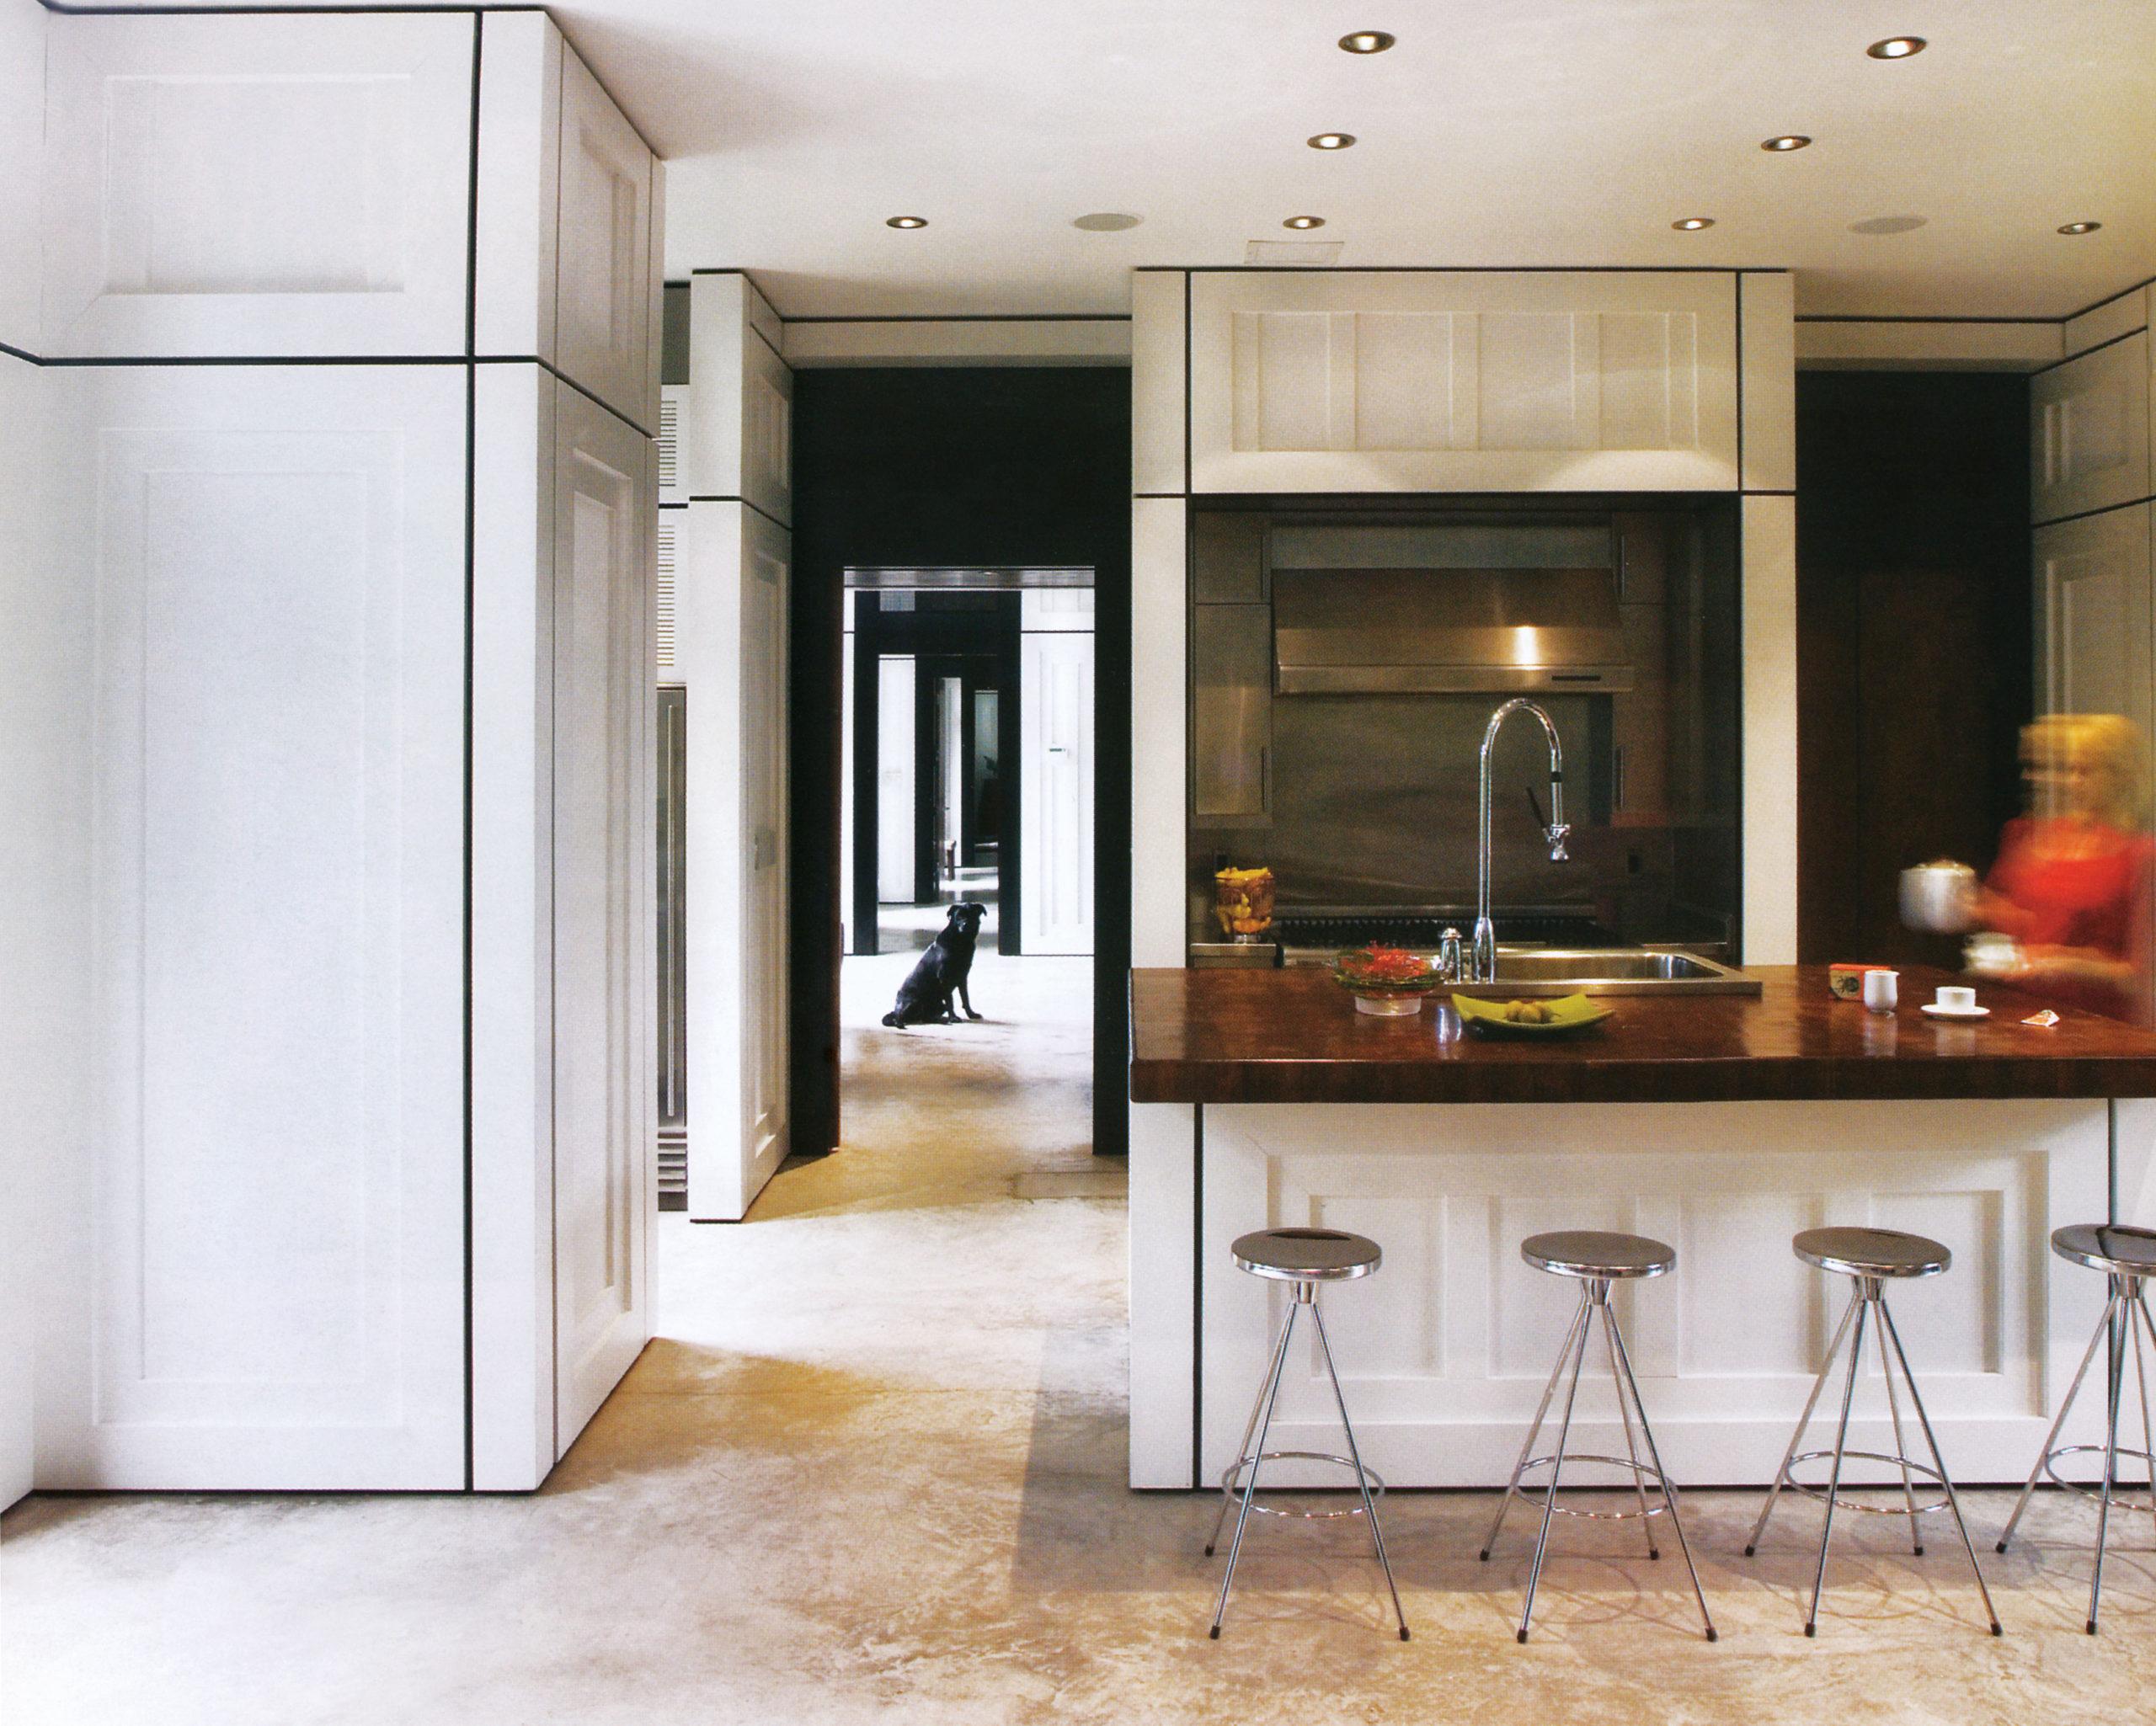 تختهای از جنس چوب کاج که بازماندهی مصالح خانهای است که پیشتر در این محل بود، در خانهی نوساز حکم کانتر آشپزخانه را پیدا کرده است. سینک و شیر آلات روی آن، از استیل ضدزنگ و کروم هستند و کابینتها، یکدست به رنگ سفید انتخاب شدند. در این آشپزخانه از گاز روکار استفاده شده است.